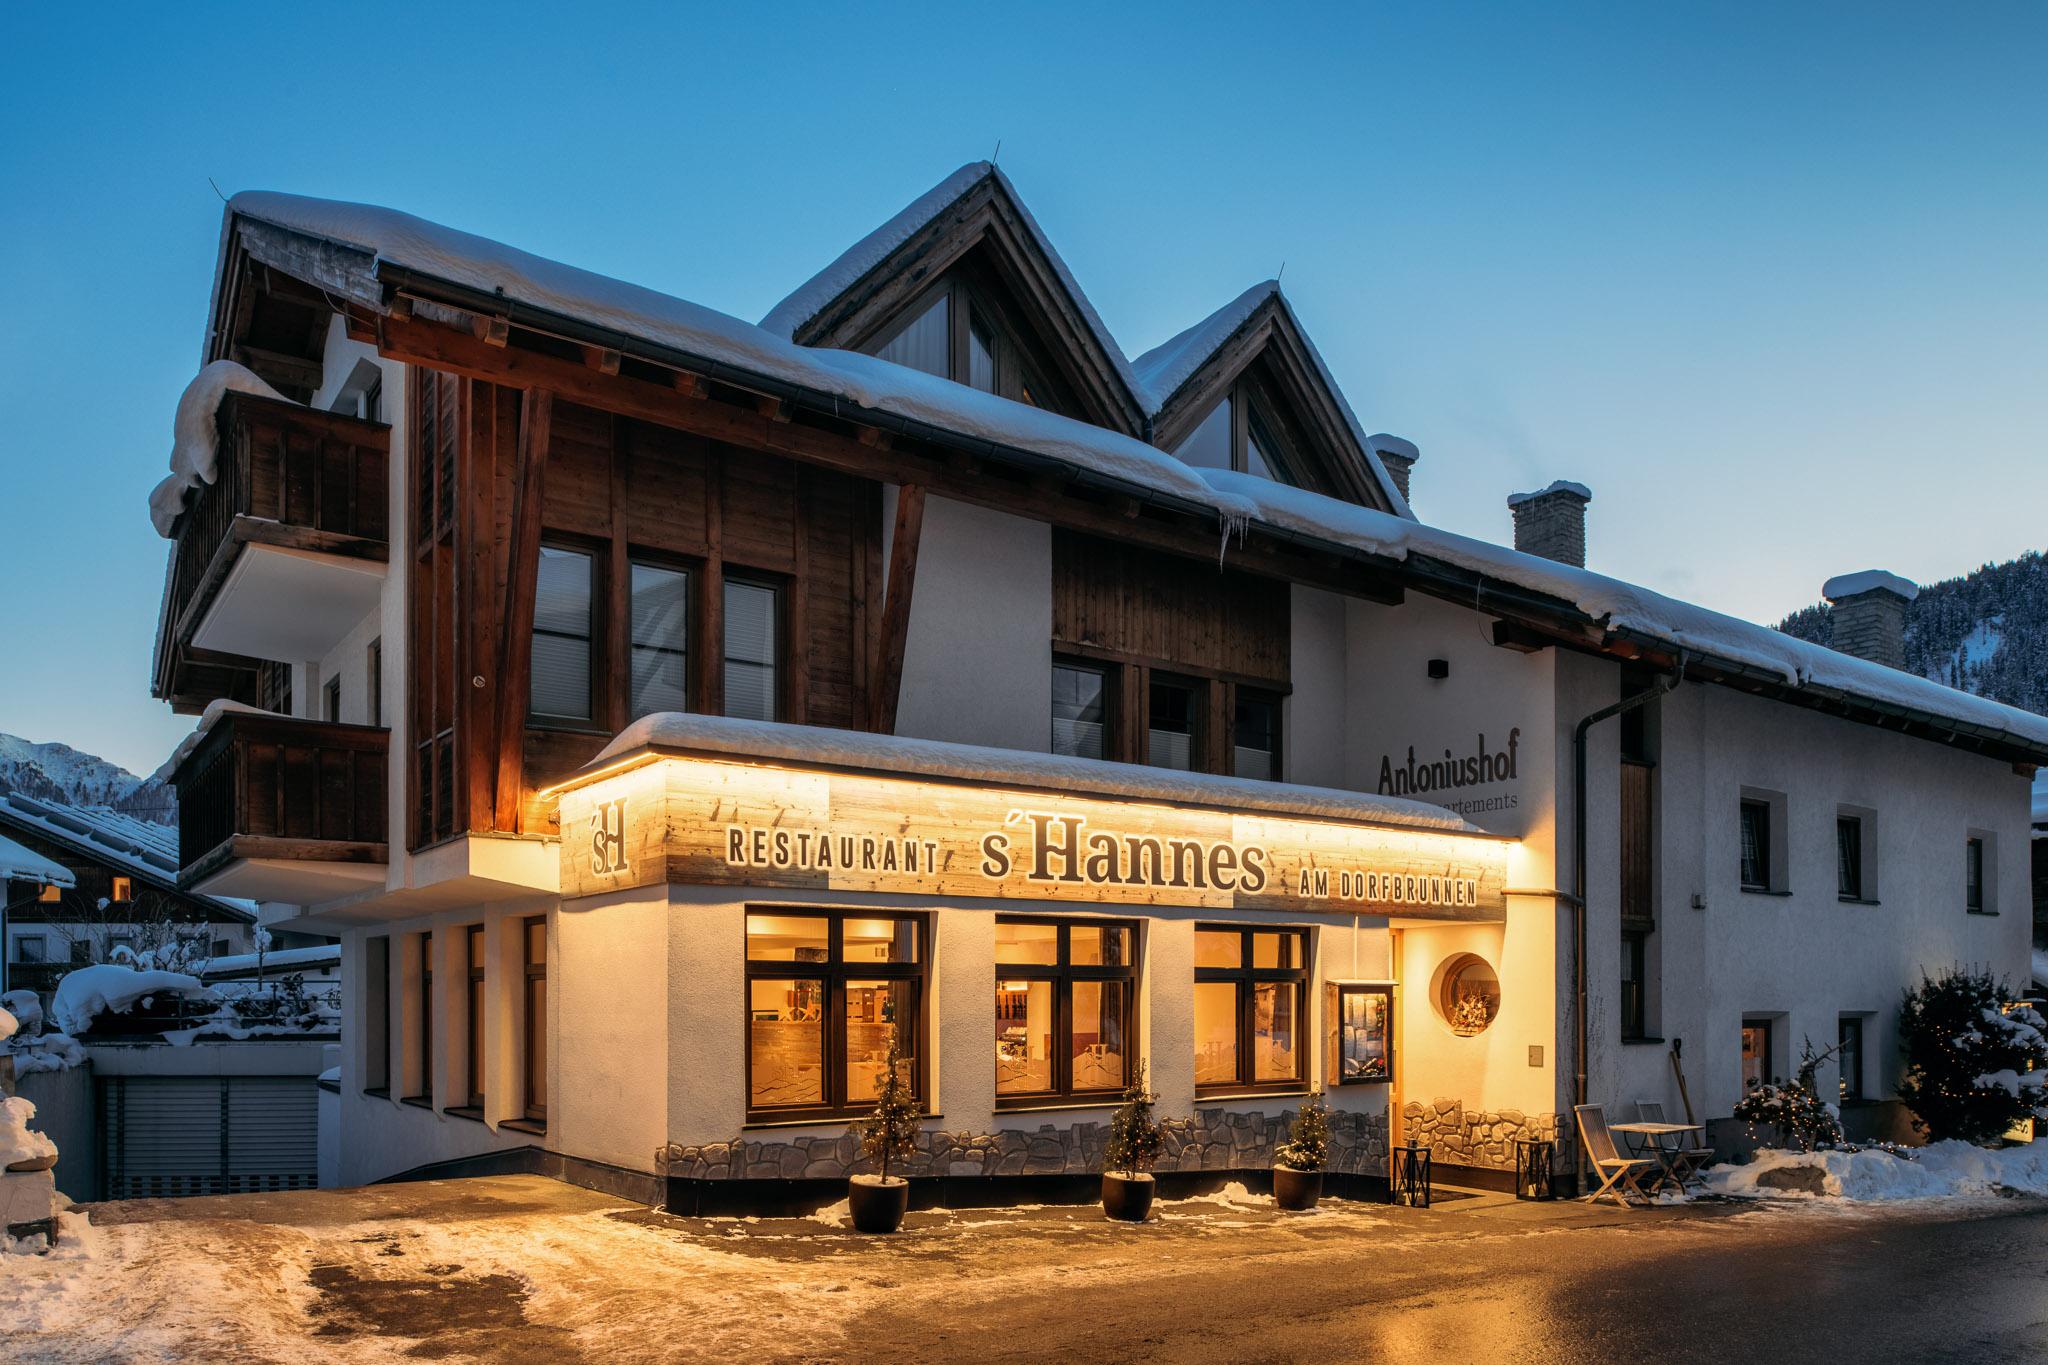 s'Hannes Küche